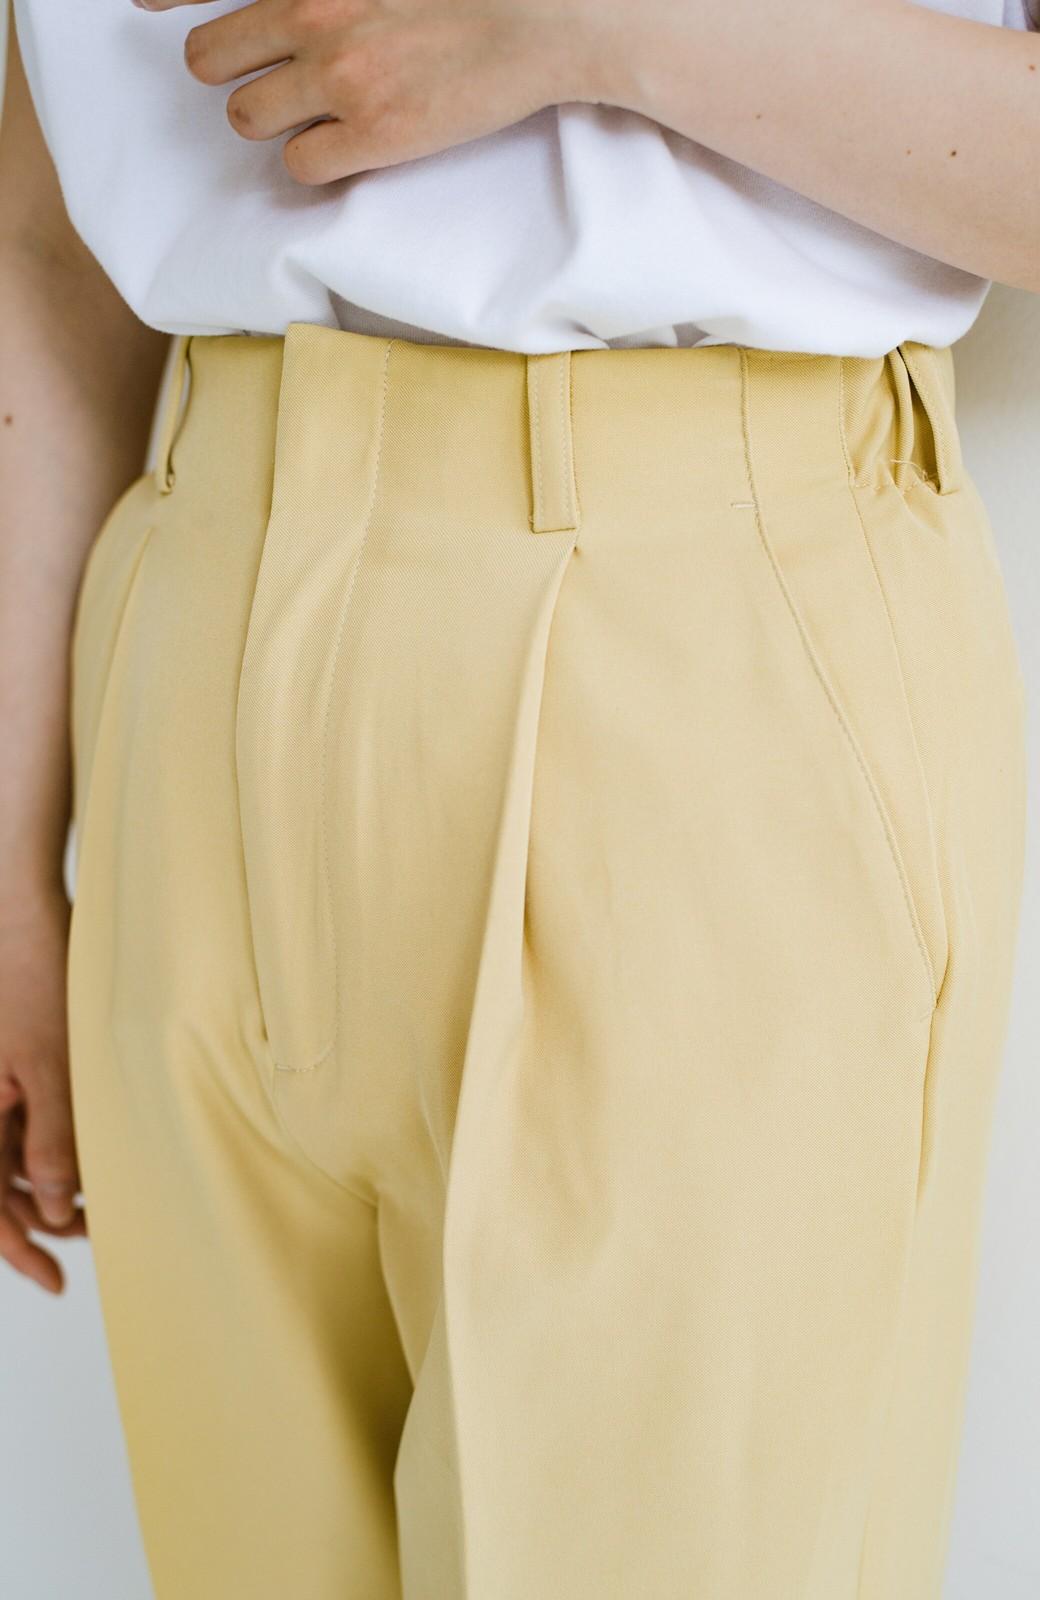 haco! 迷った朝はこれ着よう!元気が出るきれい色パンツにちょい袖大人Tシャツを合わせておいた作り置きコーデセット by que made me <その他>の商品写真11